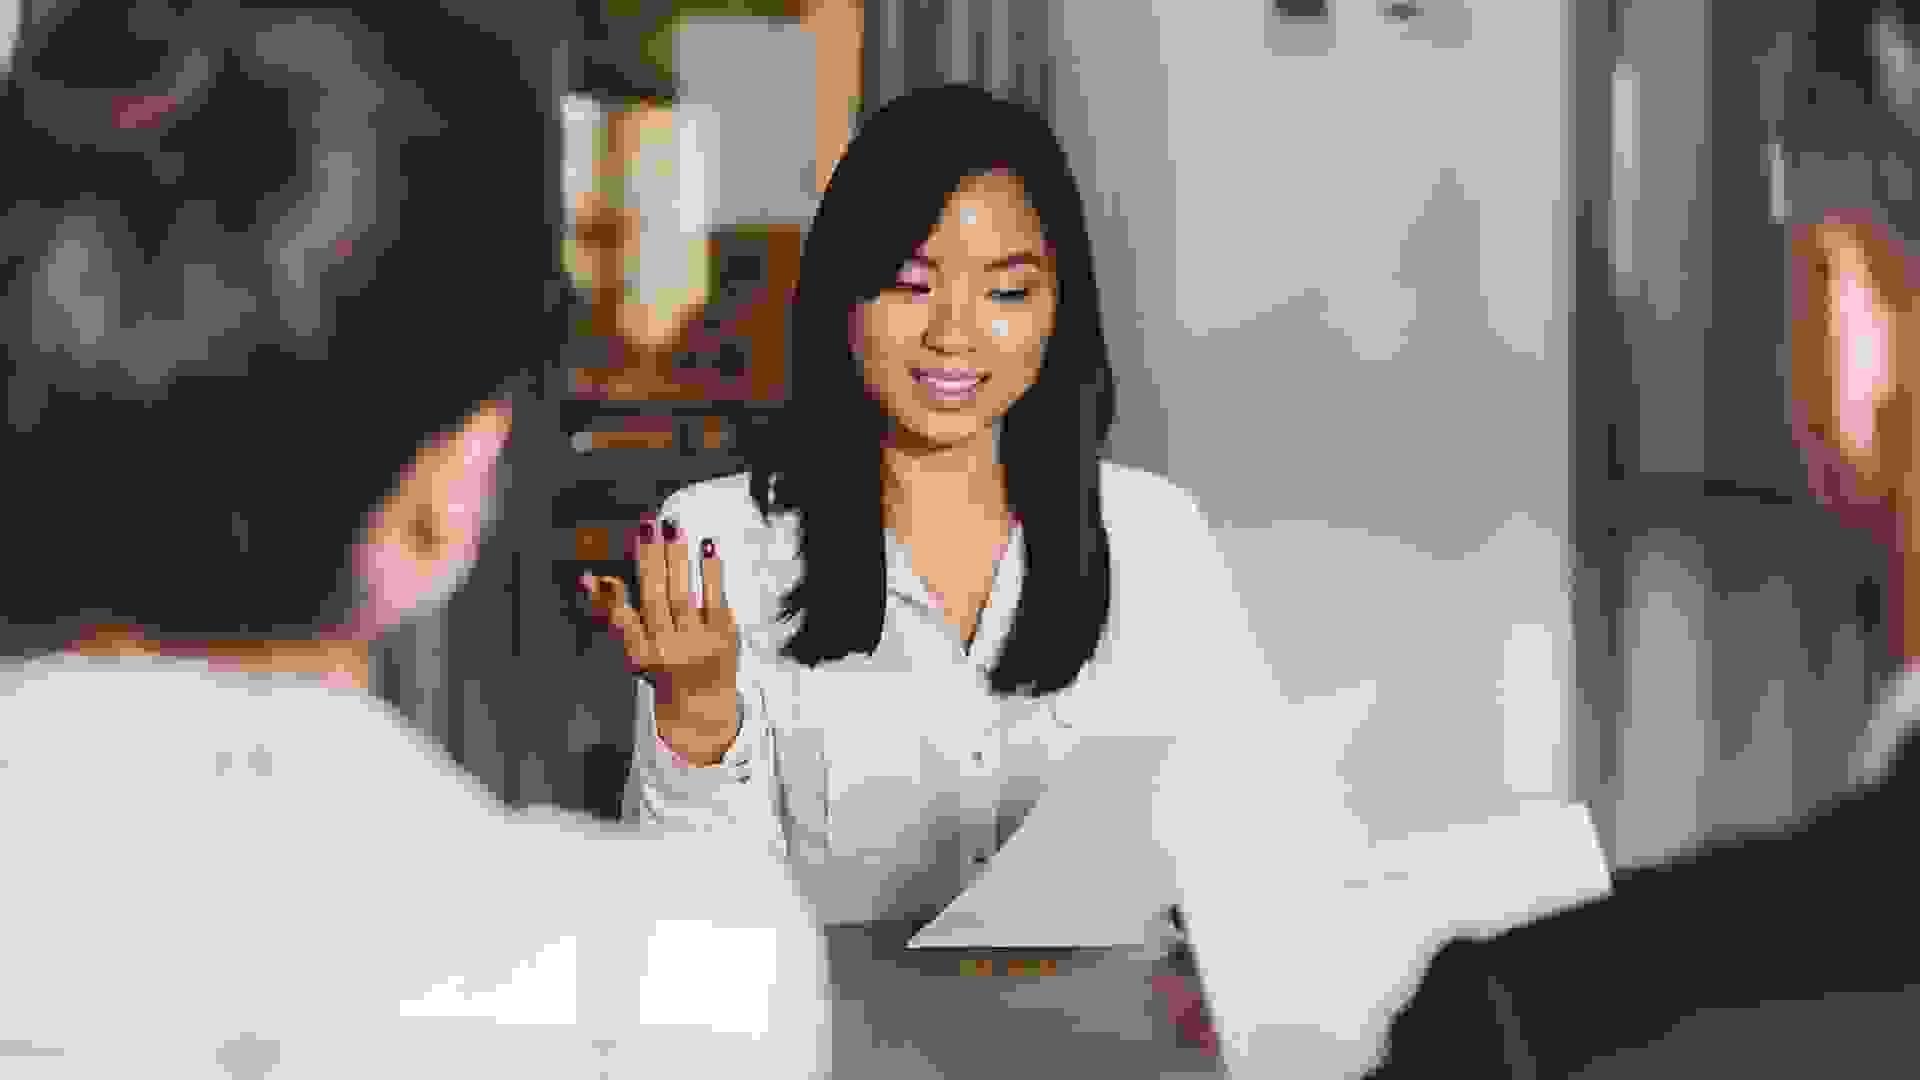 التواصل مع الشخص المسؤول عن إجراء المقابلة